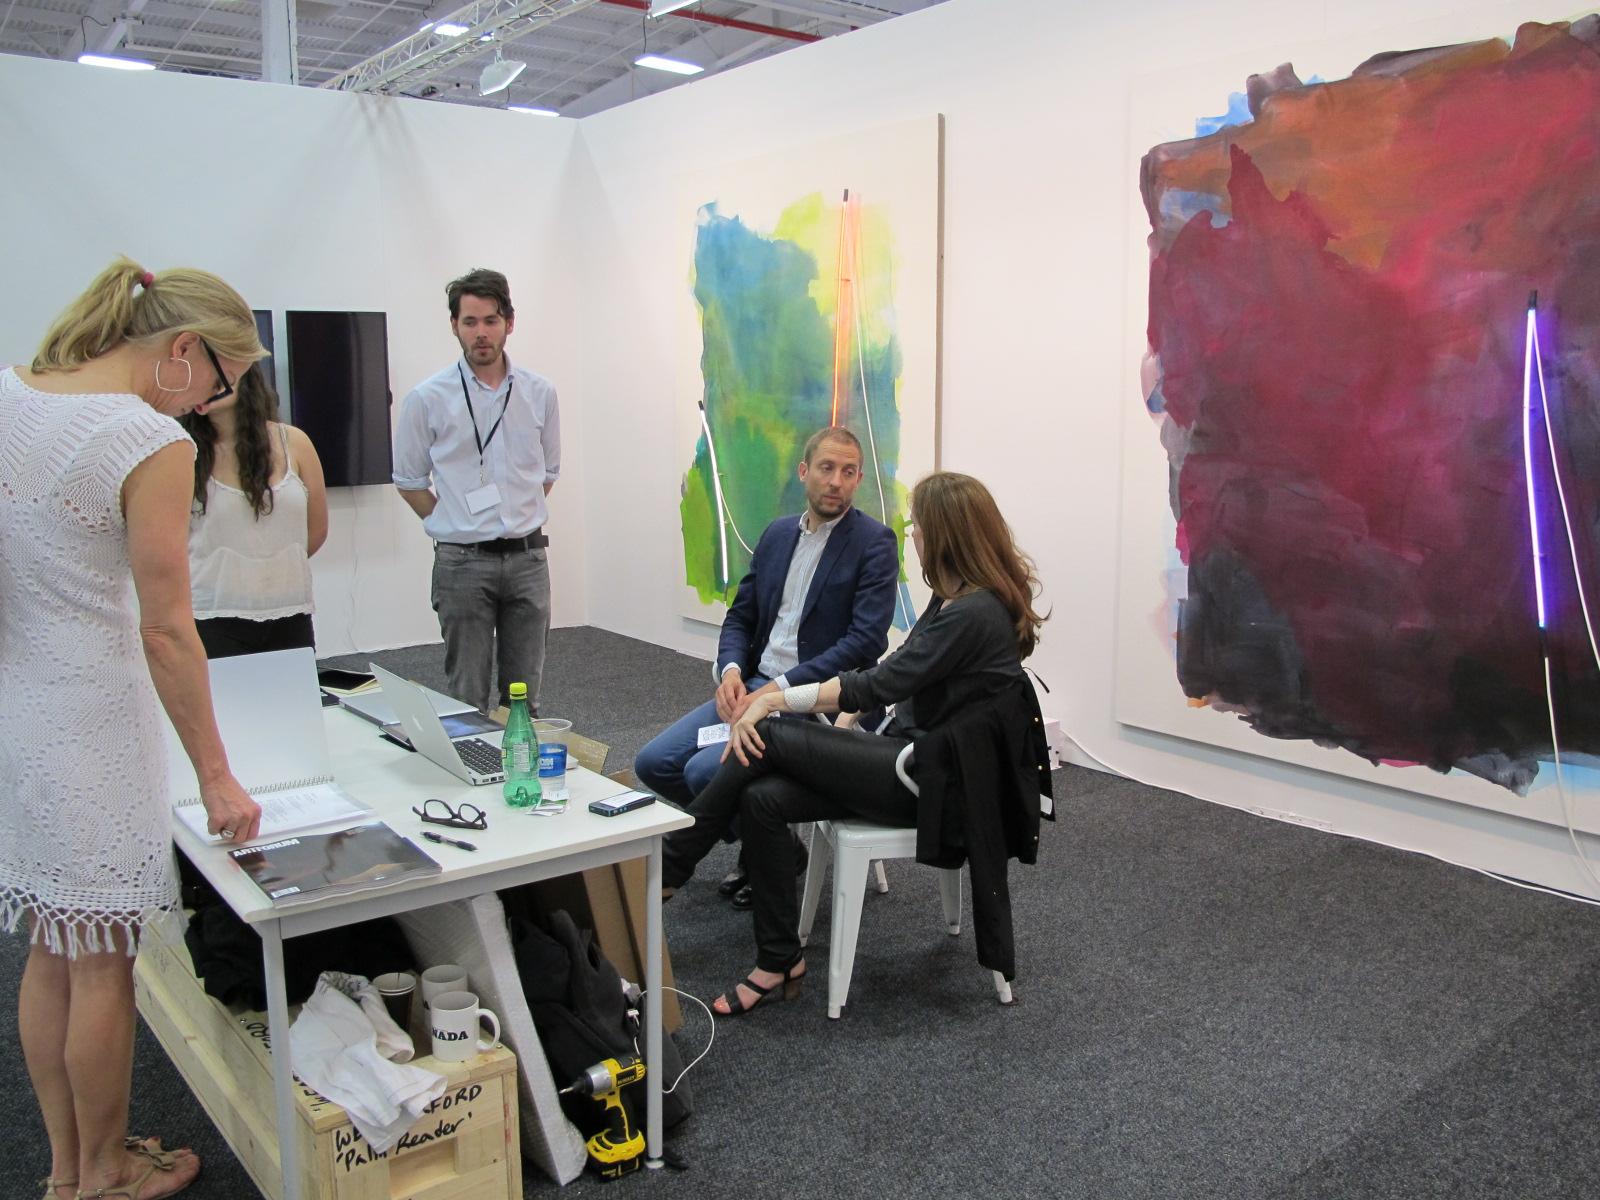 Brennan & Griffin at NADA Art Fair